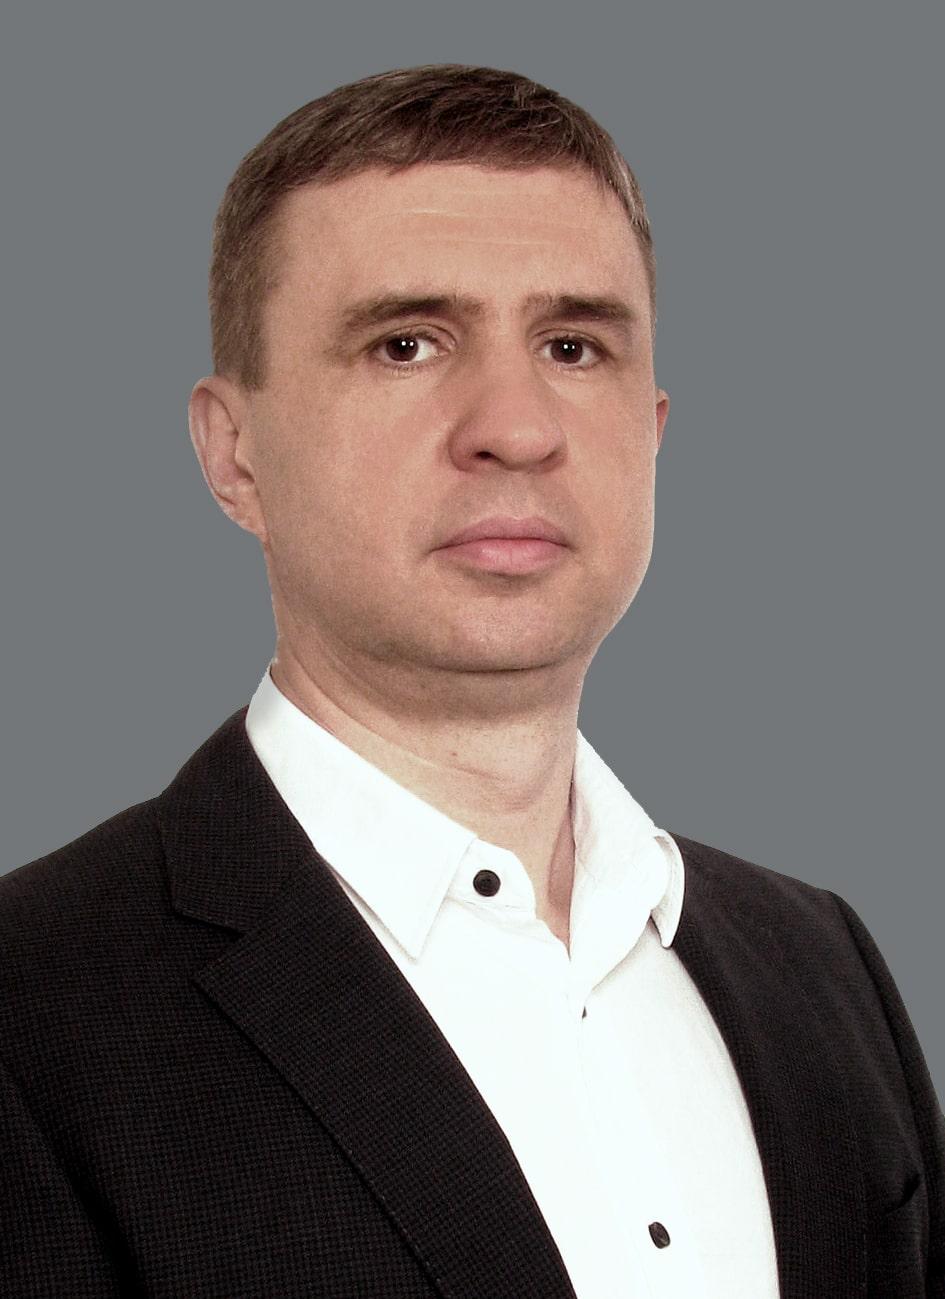 Максим Леонидович Львов